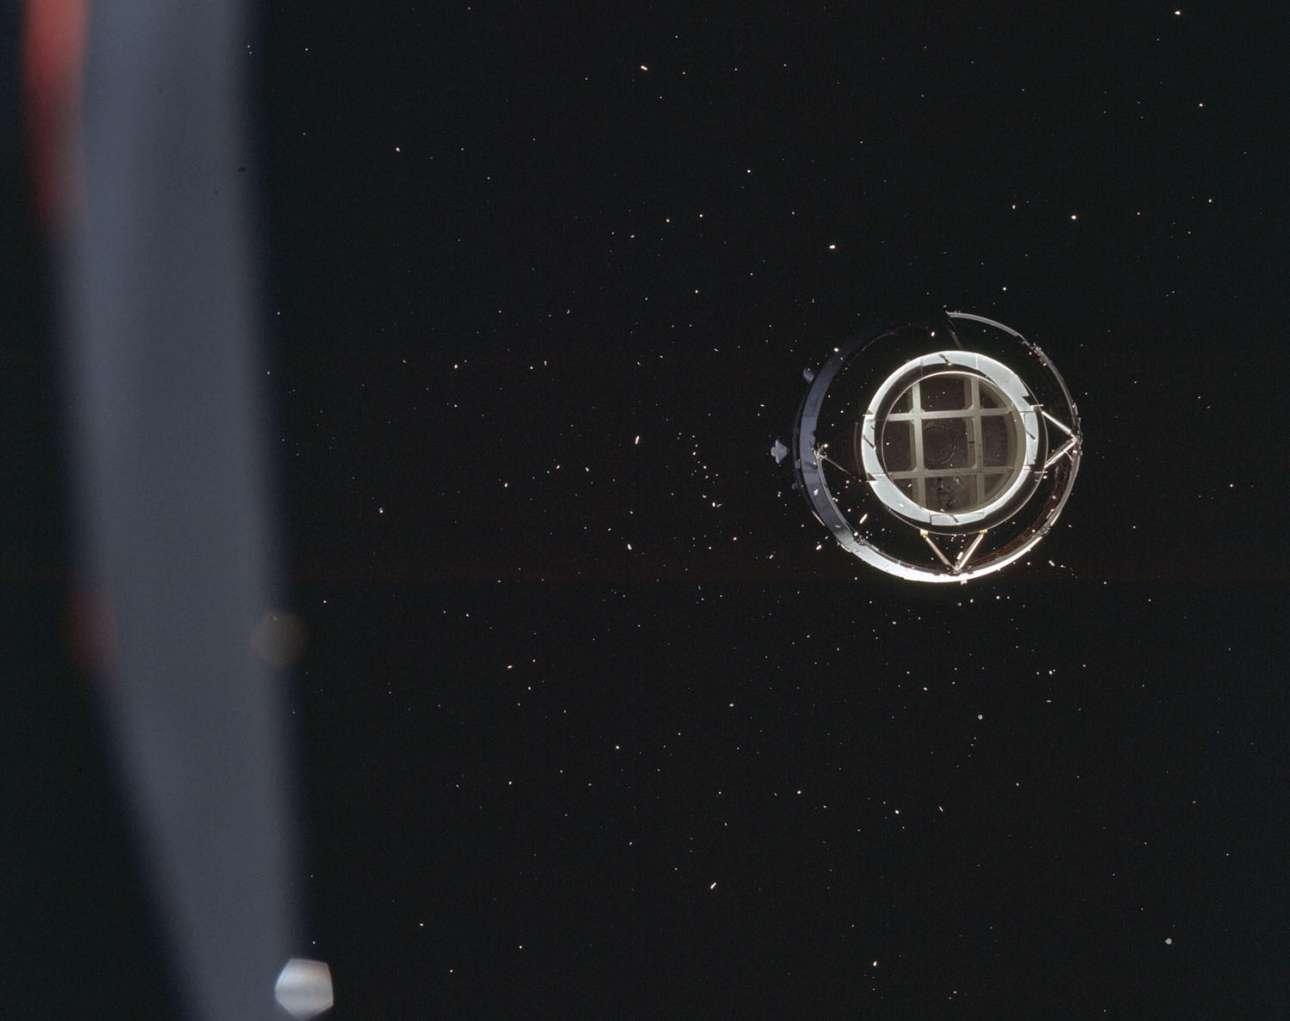 Το τρίτο στάδιο του Saturn V μόλις έχει αποχωριστεί από το υπόλοιπο διαστημόπλοιο, προκειμένου το Apollo 8 να μπει σε τροχιά γύρω από τη Σελήνη